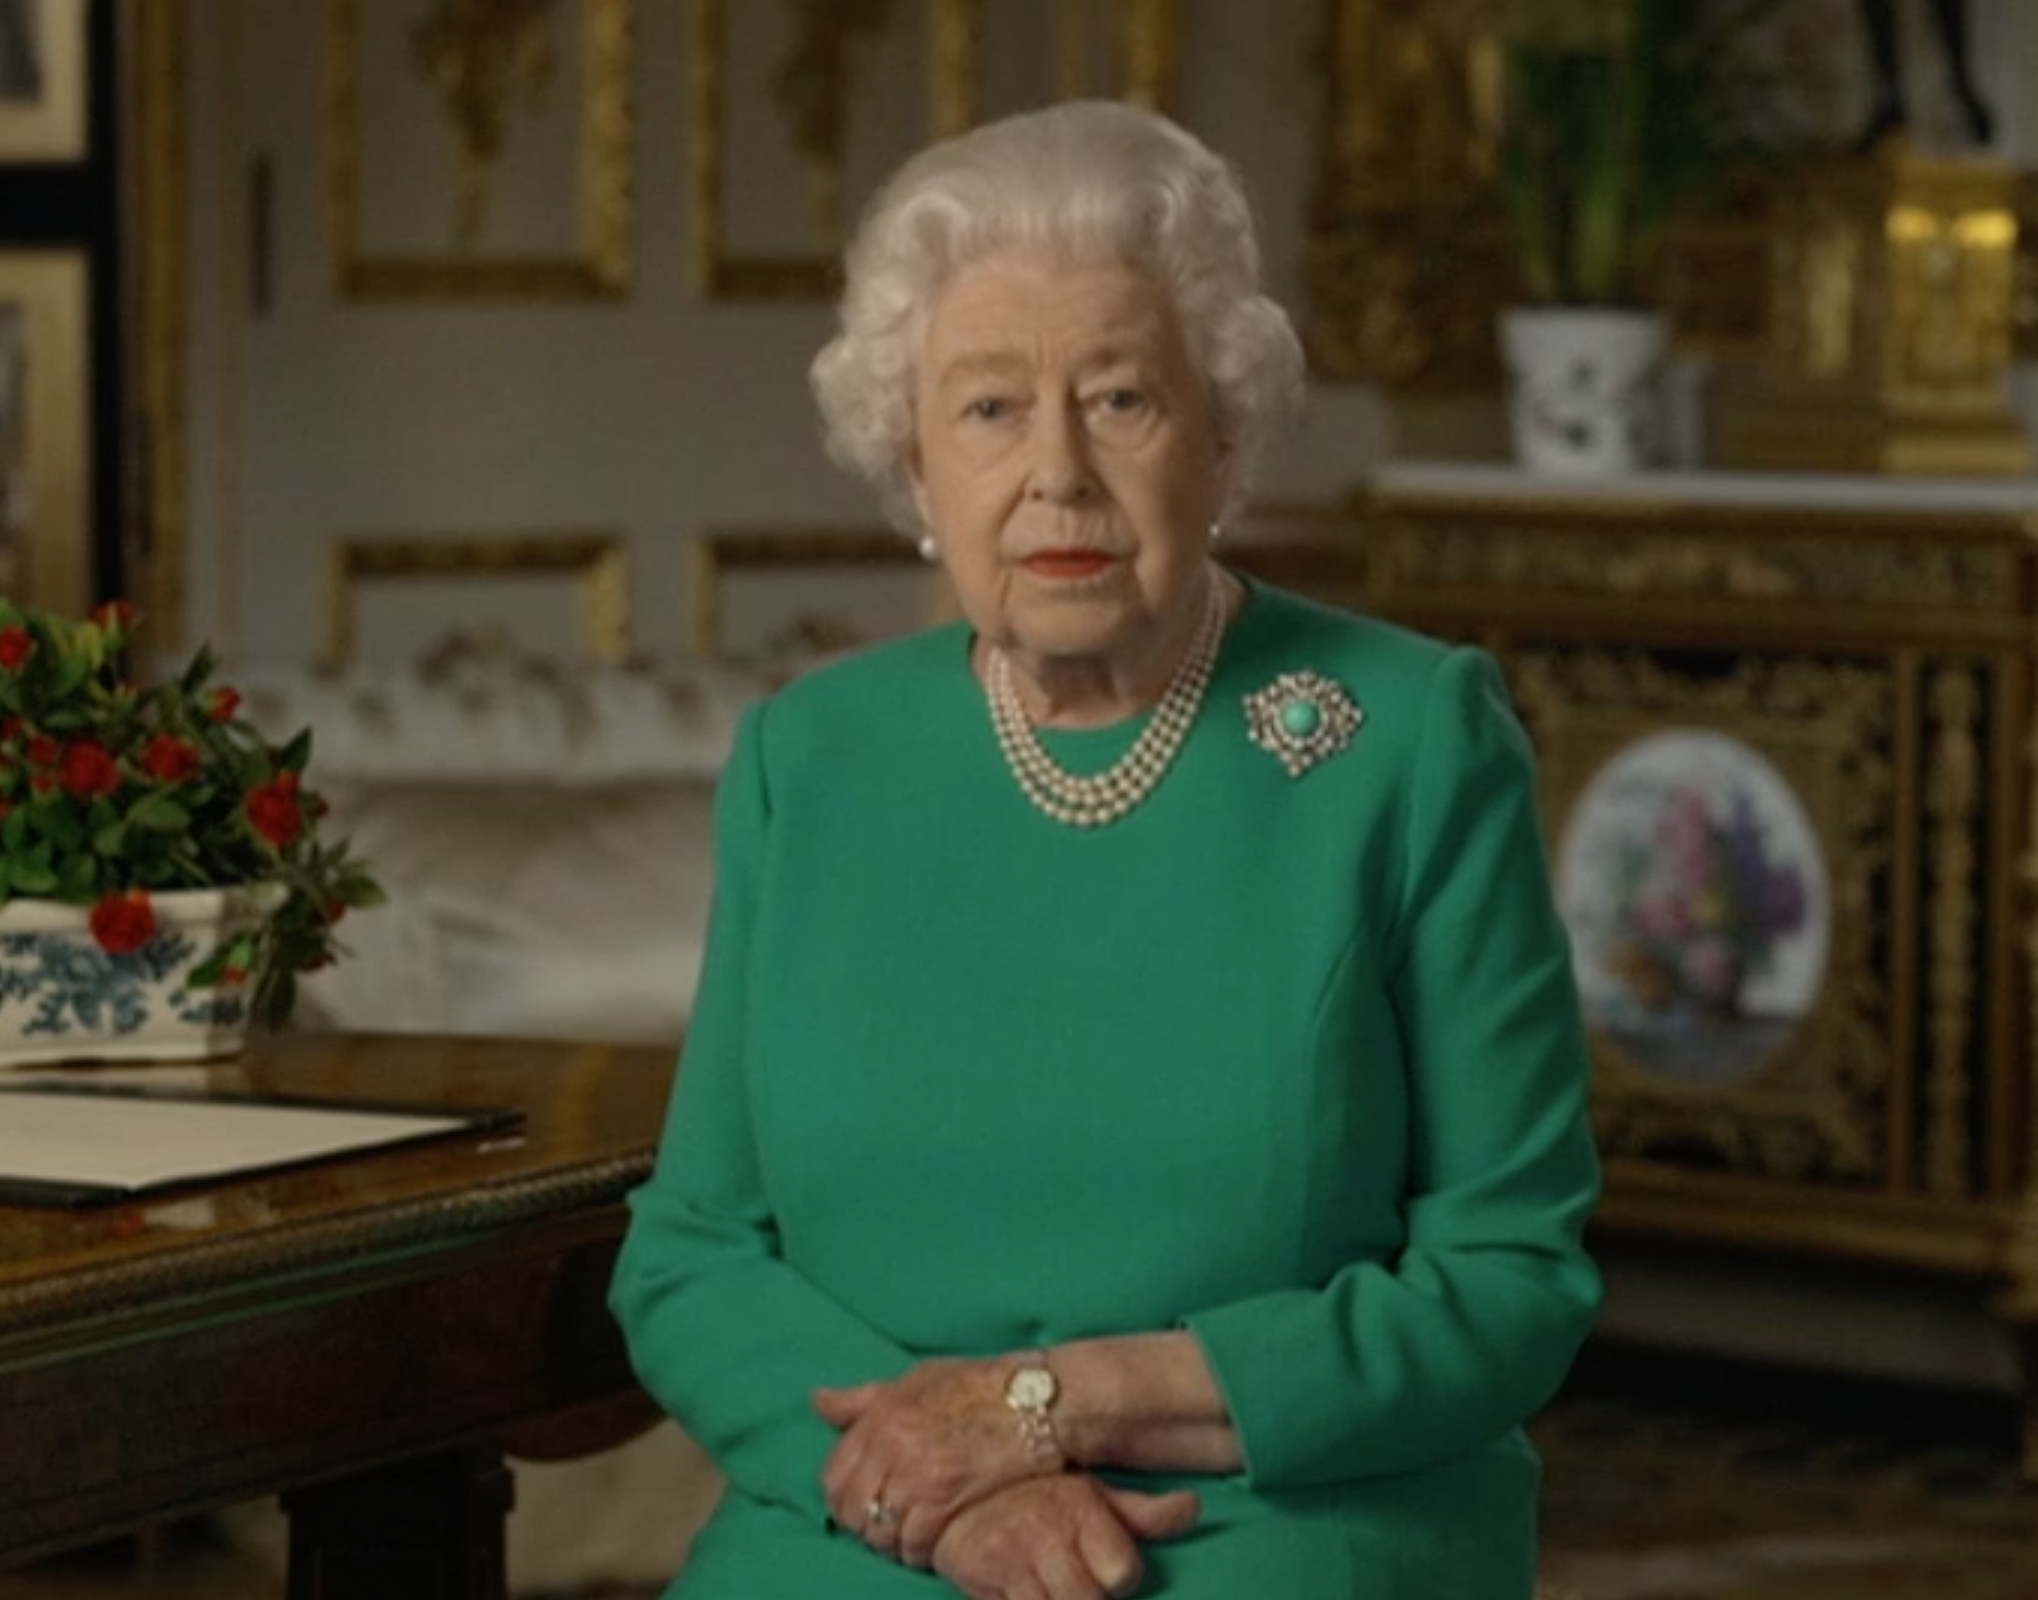 the queen coronavirus speech (Creidt: BBC)